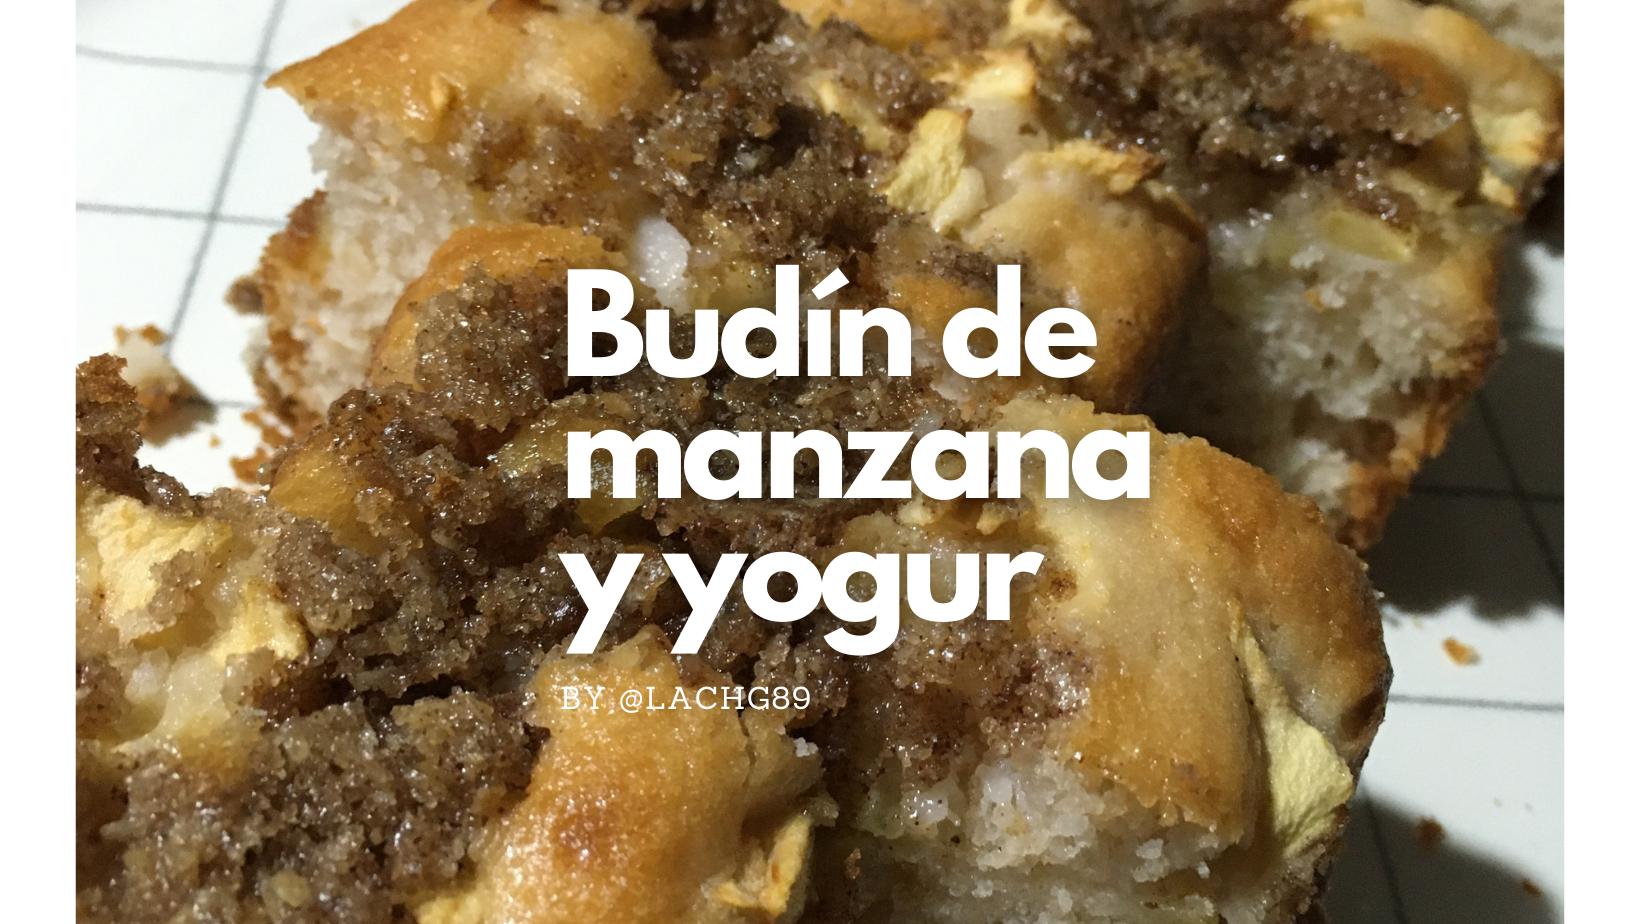 Budín de yogur y manzana.png